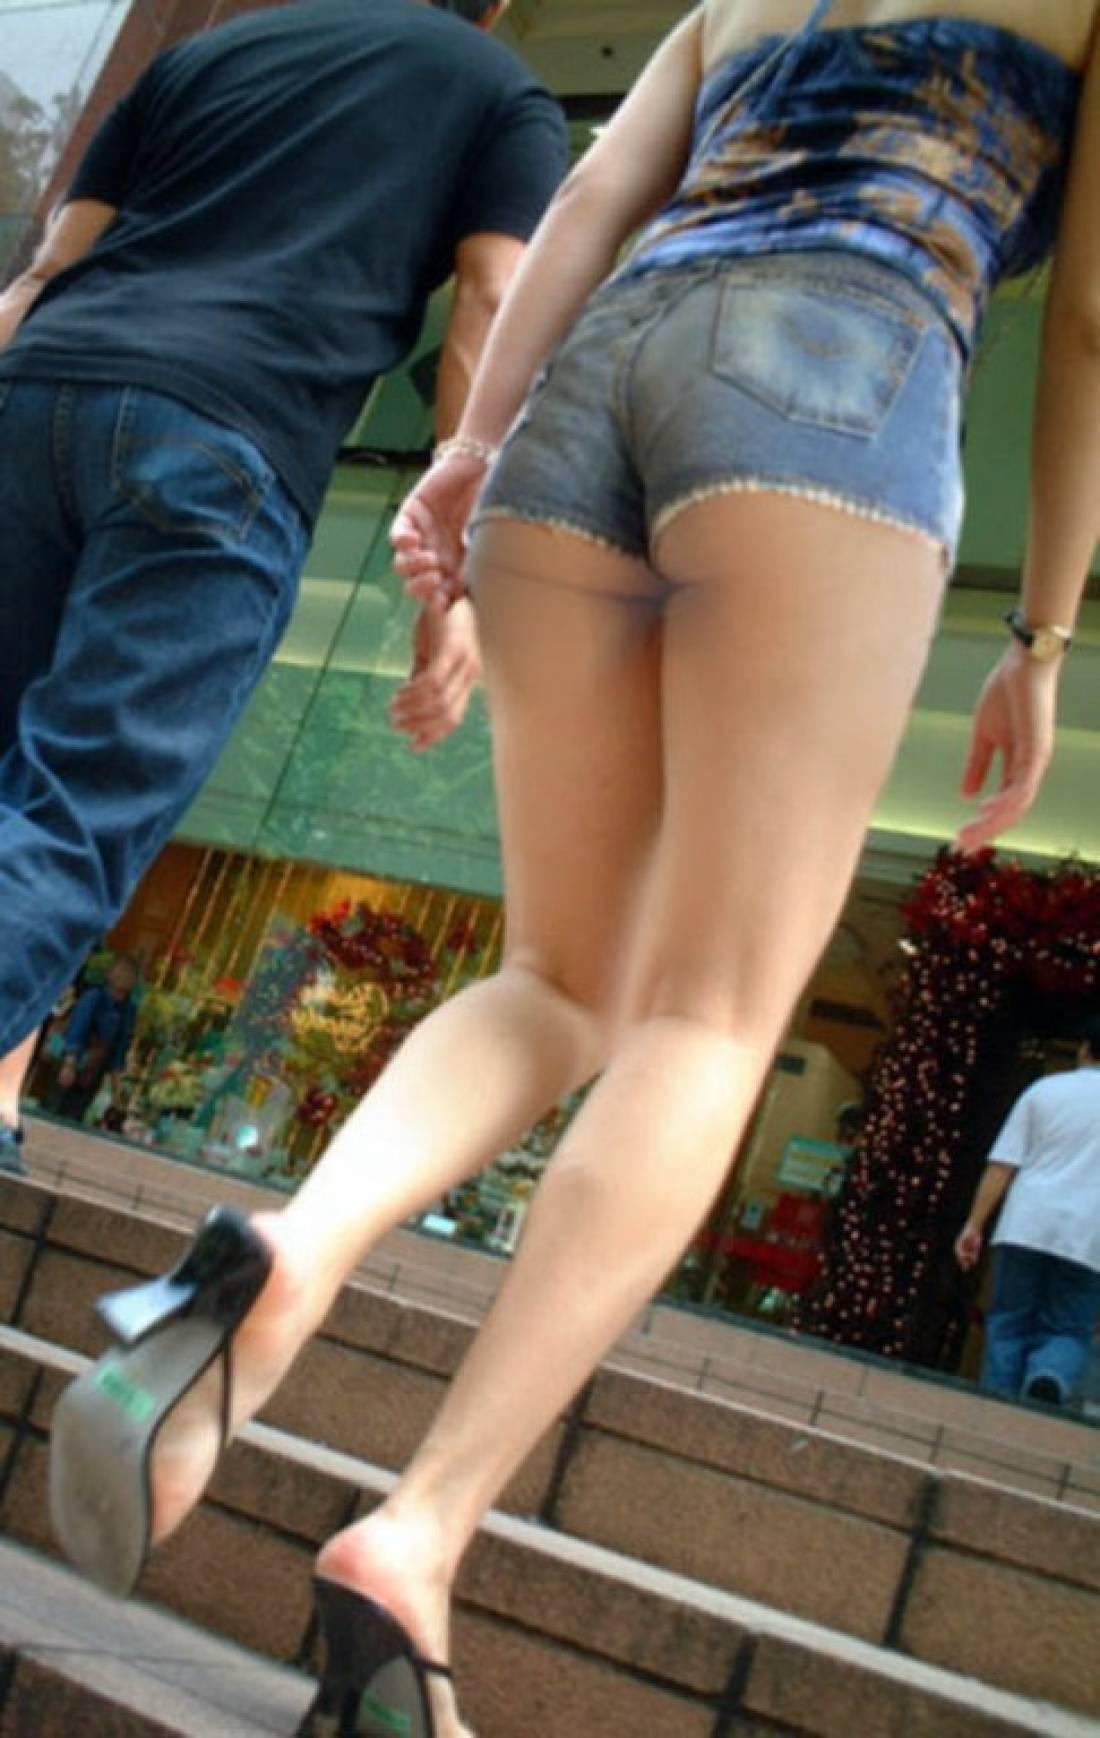 ホットパンツを履いたギャルのお尻がはみ出てる街撮りエロ画像 419